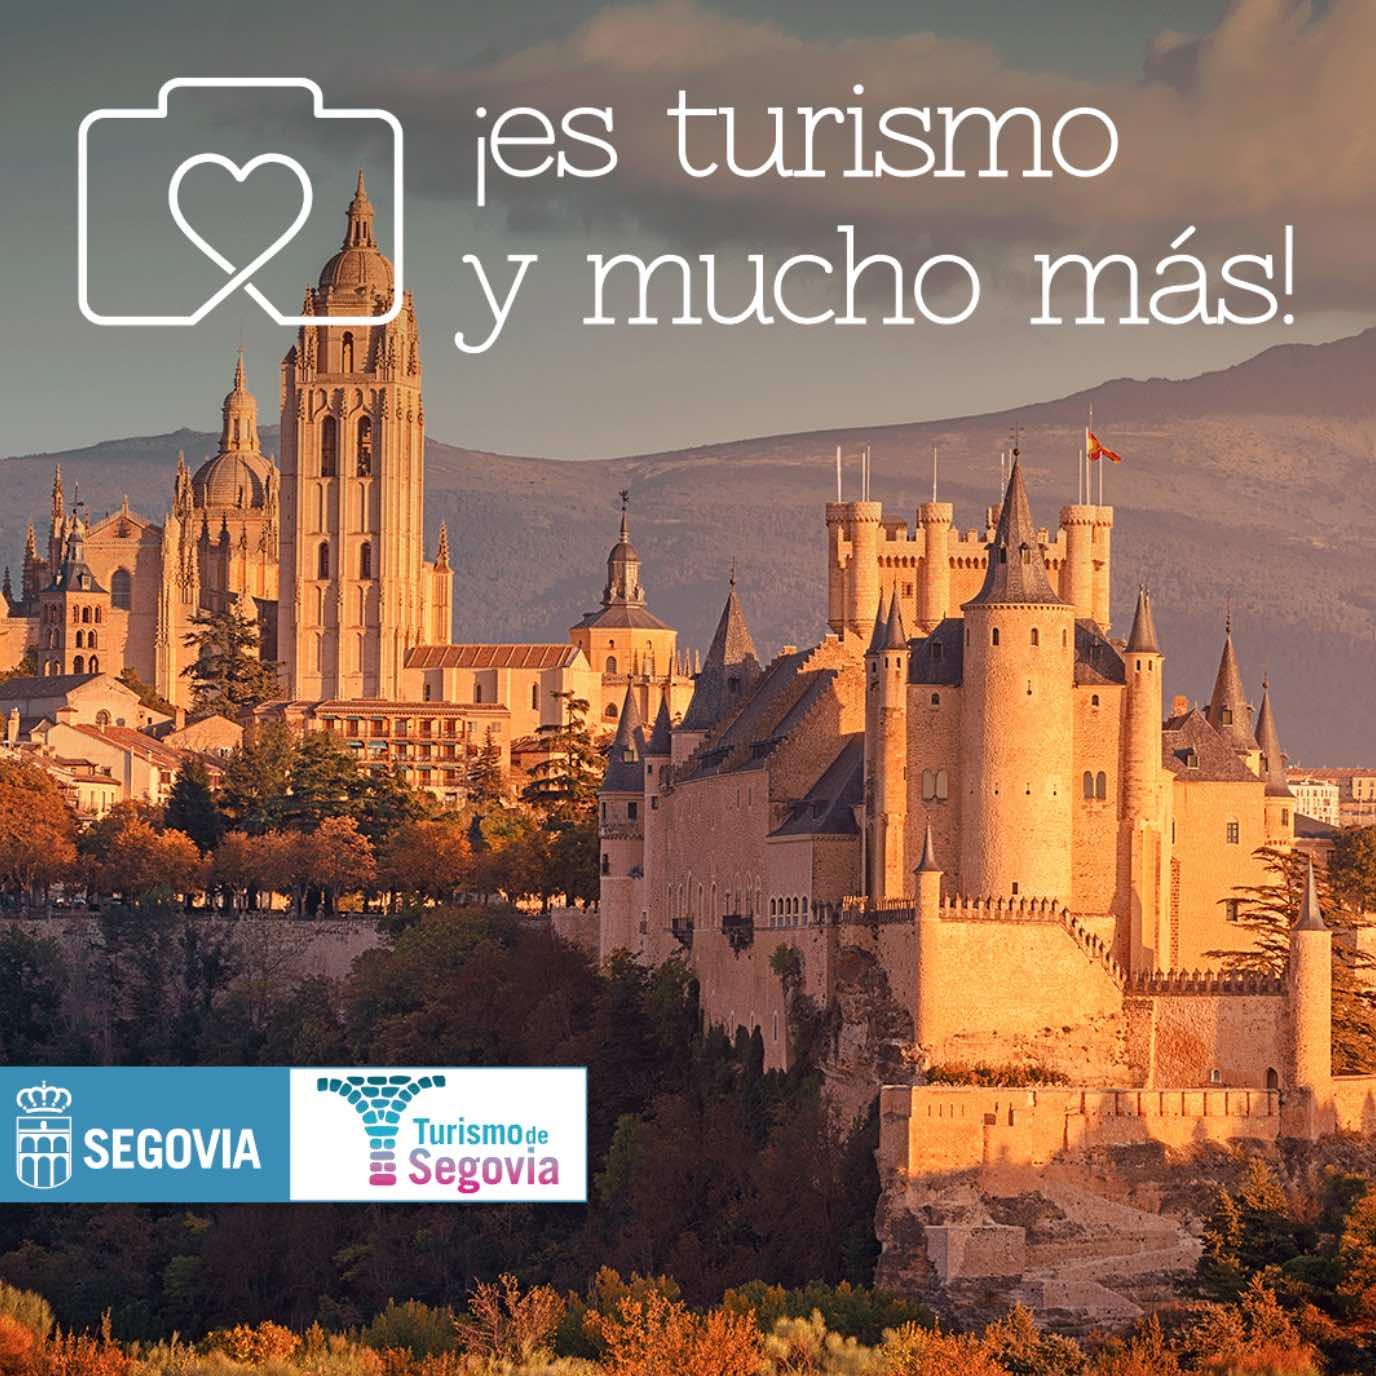 Segovia es turismo y mucho más